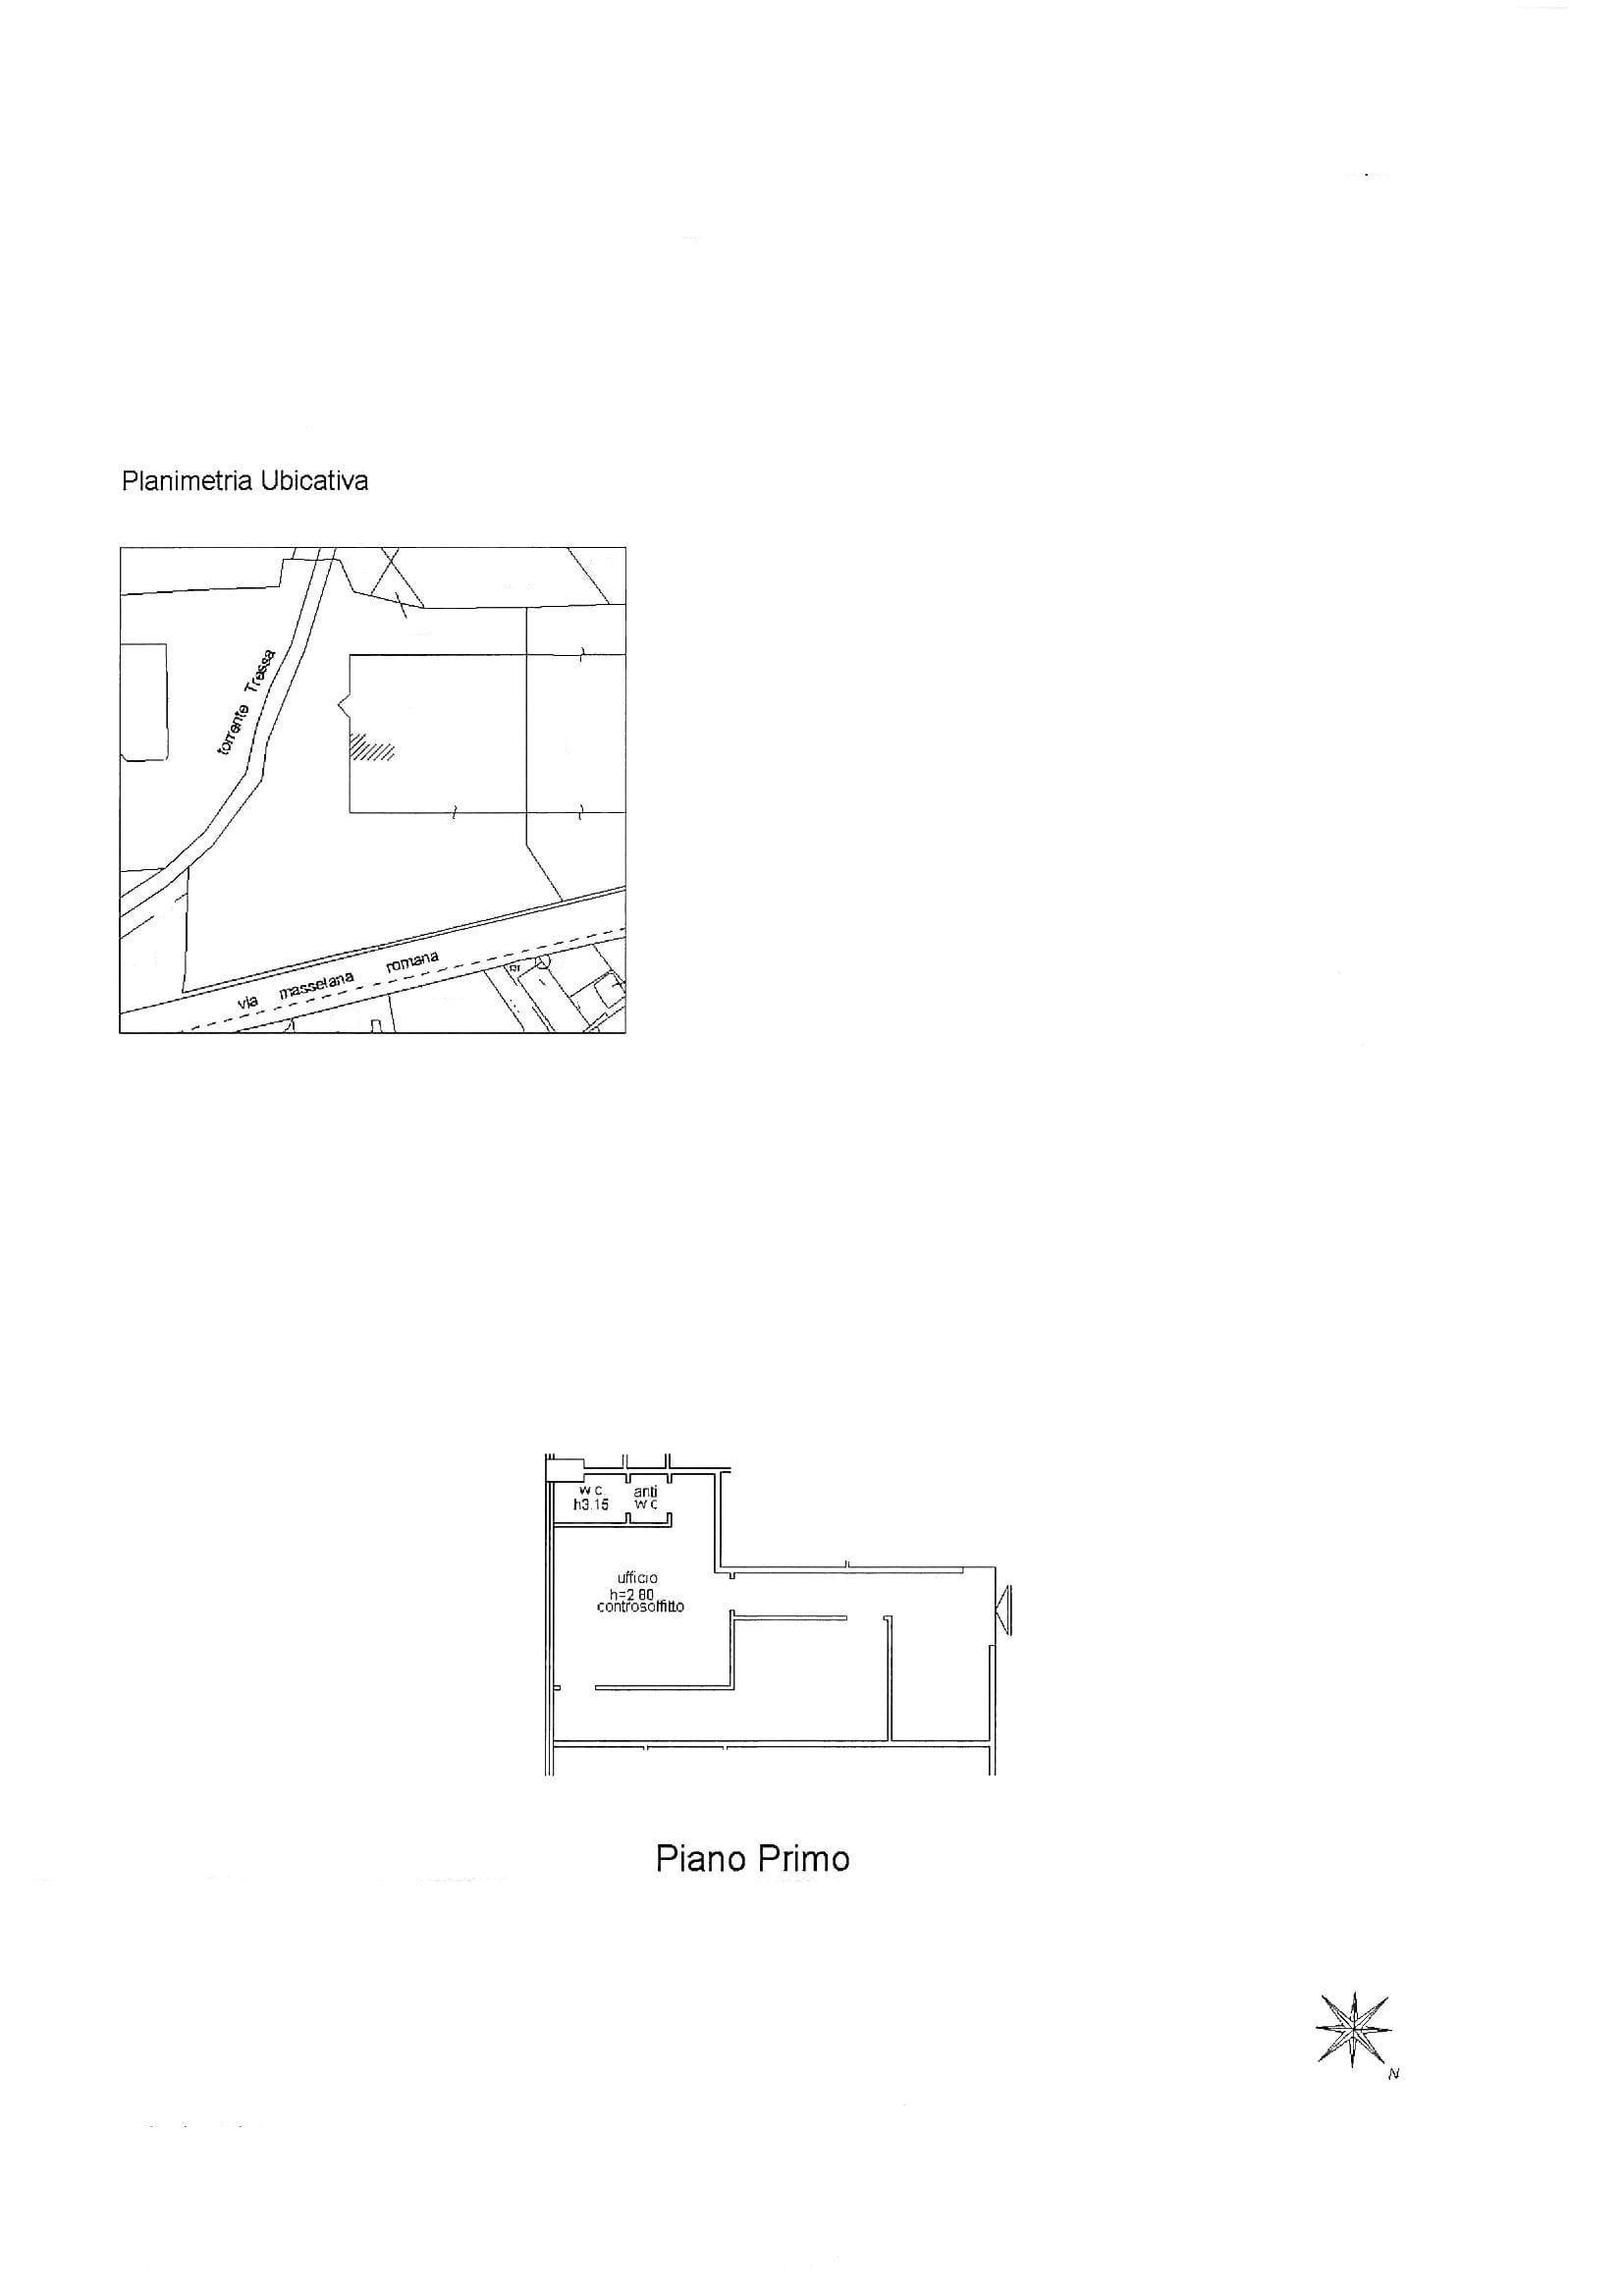 Ufficio in affitto commerciale, rif. C52 (Planimetria 1/1)